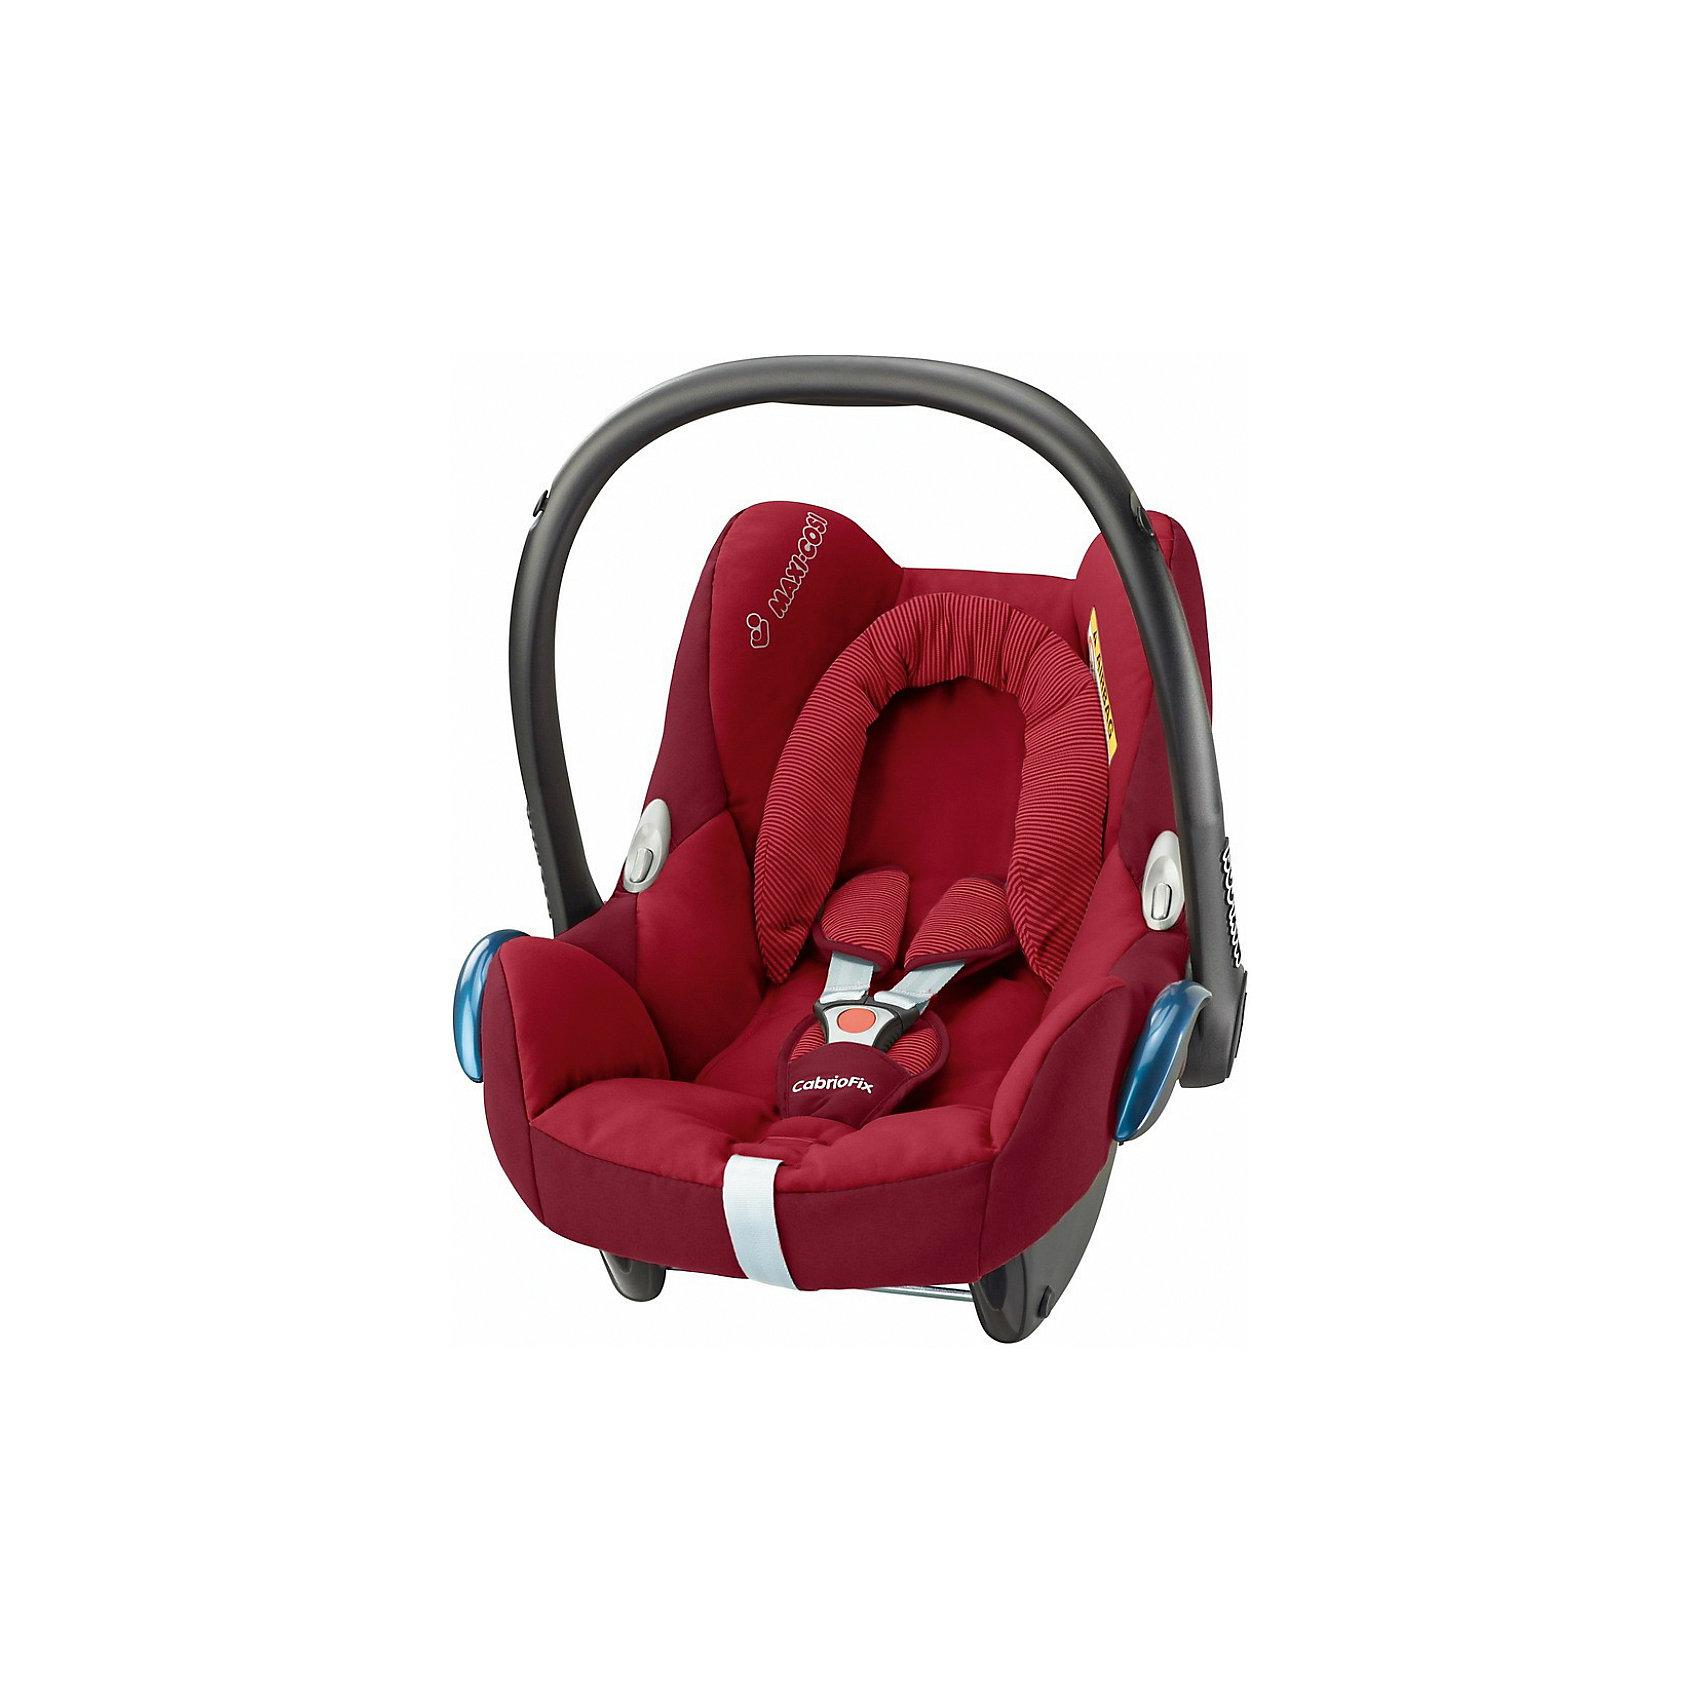 Автокресло CabrioFix 0-13 кг., Maxi-Cosi, Robin RedАвтокресло CabrioFix гарантирует детям комфорт и безопасность во время путешествий на автомобиле. Кресло монтируется с помощью штатных ремней безопасности. Глубина сиденья может варьироваться в зависимости от веса ребенка, объемные бортики гарантирует прекрасную защиту от боковых ударов. Кресло дополнено небольшой подушечкой, с регулируемым объемом, обеспечивающую комфортные путешествия даже самым юным пассажирам. Трехточечные страховочные ремни с мягкими накладками и централизованной системой натяжения позволяют регулировать длину одним движением руки. Кресло имеет козырек от солнца. Чехол модели изготовлен из стойкого к загрязнениям, прочного и приятного на ощупь материала, быстро и удобно снимается, его можно стирать в деликатном режиме.<br><br>Дополнительная информация:<br><br>- Материал: текстиль, пластик, металл.<br>- Максимальная ширина внутри сиденья по бедрам: 29 см. <br>- Минимальная ширина внутри сиденья (по верху головы): 44 см. <br>- Максимальная глубина внутри сиденья: 31 см. <br>- Высота: 50 см. <br>- Вес: 3.25 кг.<br>- Группа 0+ (до 13 кг).<br>- Соответствует требованиям ECE-R44/04.<br>- Установка в автомобиле: с помощью штатных ремней. <br>- Устанавливается против хода движения. <br>- Трехточечные ремни безопасности.<br>- Защита от боковых ударов.<br>- Встроенный регулятор может варьировать глубину сиденья.<br>- Подушечка с регулировкой объема.<br>- Козырек, небольшой отсек для вещей и игрушек.<br>- Съемный чехол (можно стирать в деликатном режиме). <br><br>Автокресло CabrioFix 0-13 кг., Maxi-Cosi (Макси-Коси Кабрио Фикс), Robin Red,  можно купить в нашем магазине.<br><br>Ширина мм: 445<br>Глубина мм: 375<br>Высота мм: 725<br>Вес г: 3300<br>Цвет: красный<br>Возраст от месяцев: 0<br>Возраст до месяцев: 12<br>Пол: Унисекс<br>Возраст: Детский<br>SKU: 4790757